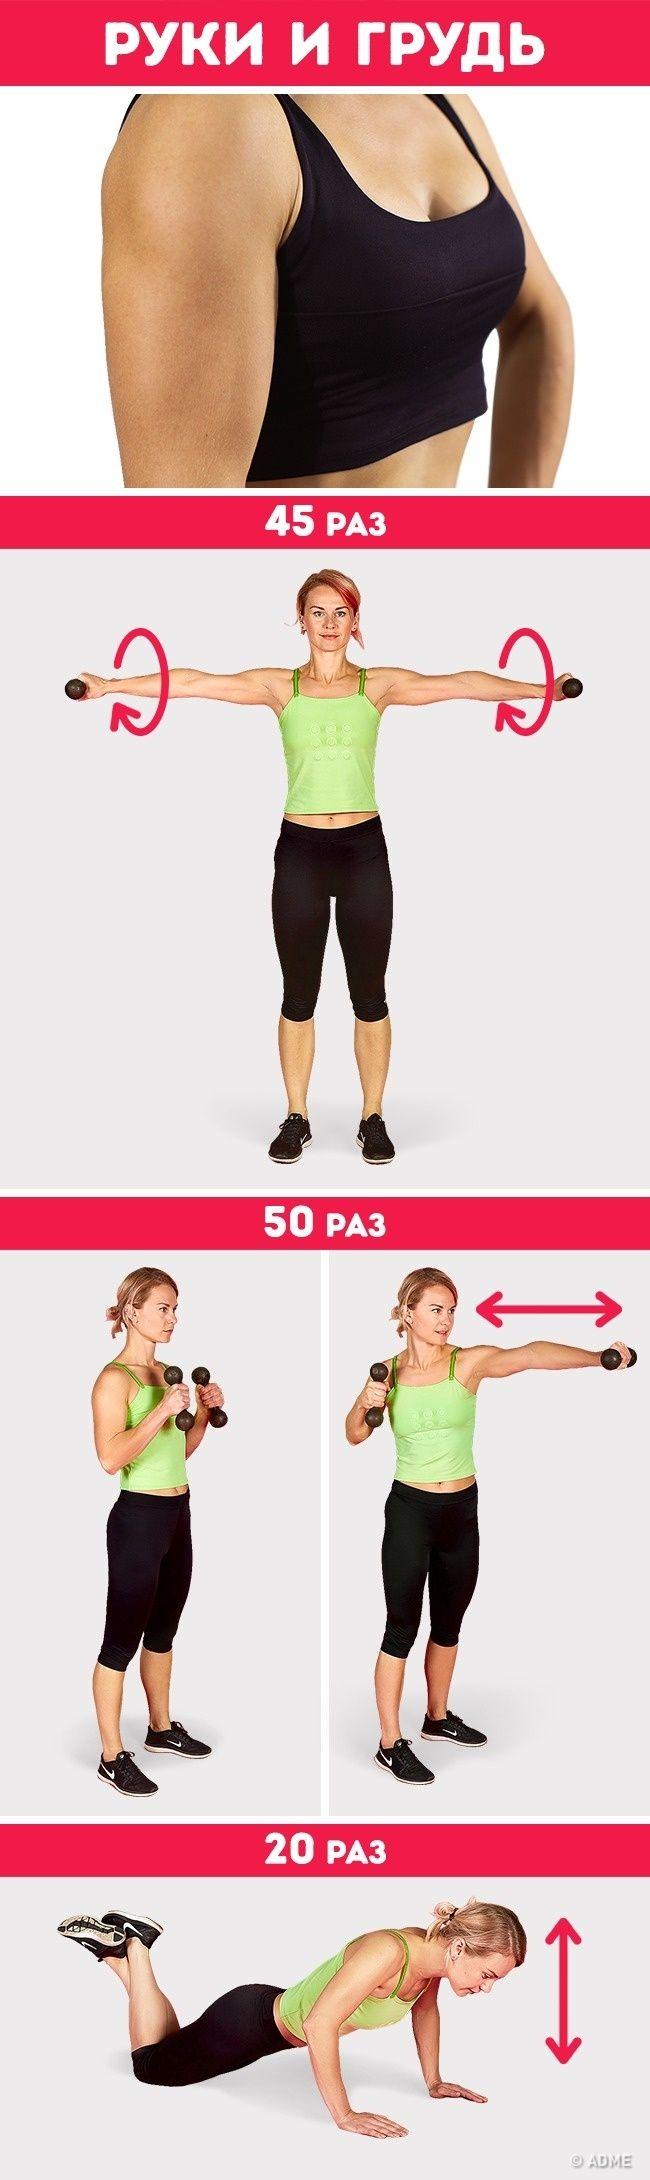 Мобильный LiveInternet Упражнения чтобы прокачать все тело и сбросить вес | О_Самом_Интересном - Все самое интересное |